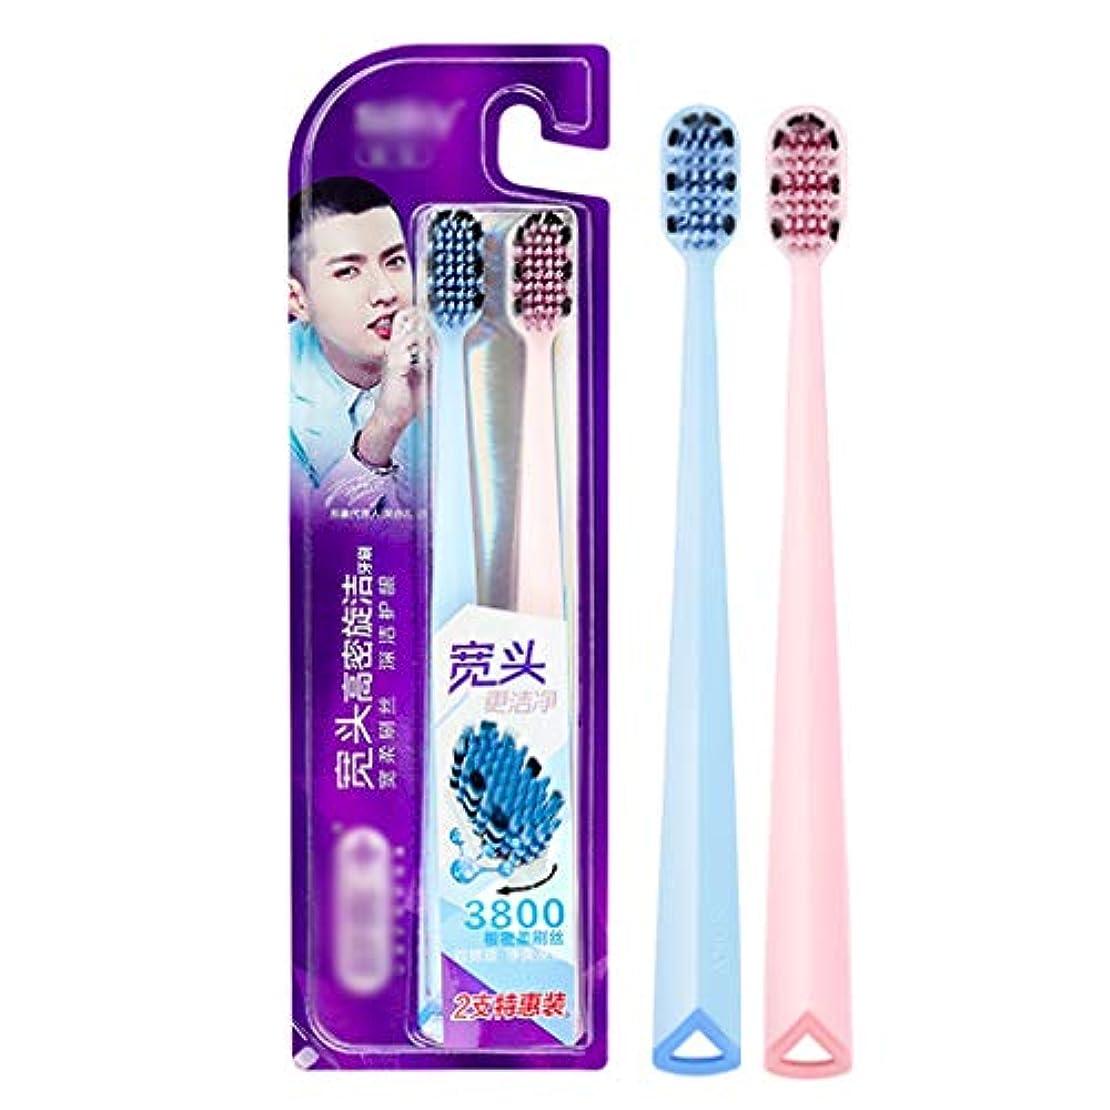 私たちのものゴネリル儀式ウルトラクリーン歯ブラシ、高密度ワイド向かった歯ブラシでカップル家族、6パック(ランダムカラー)